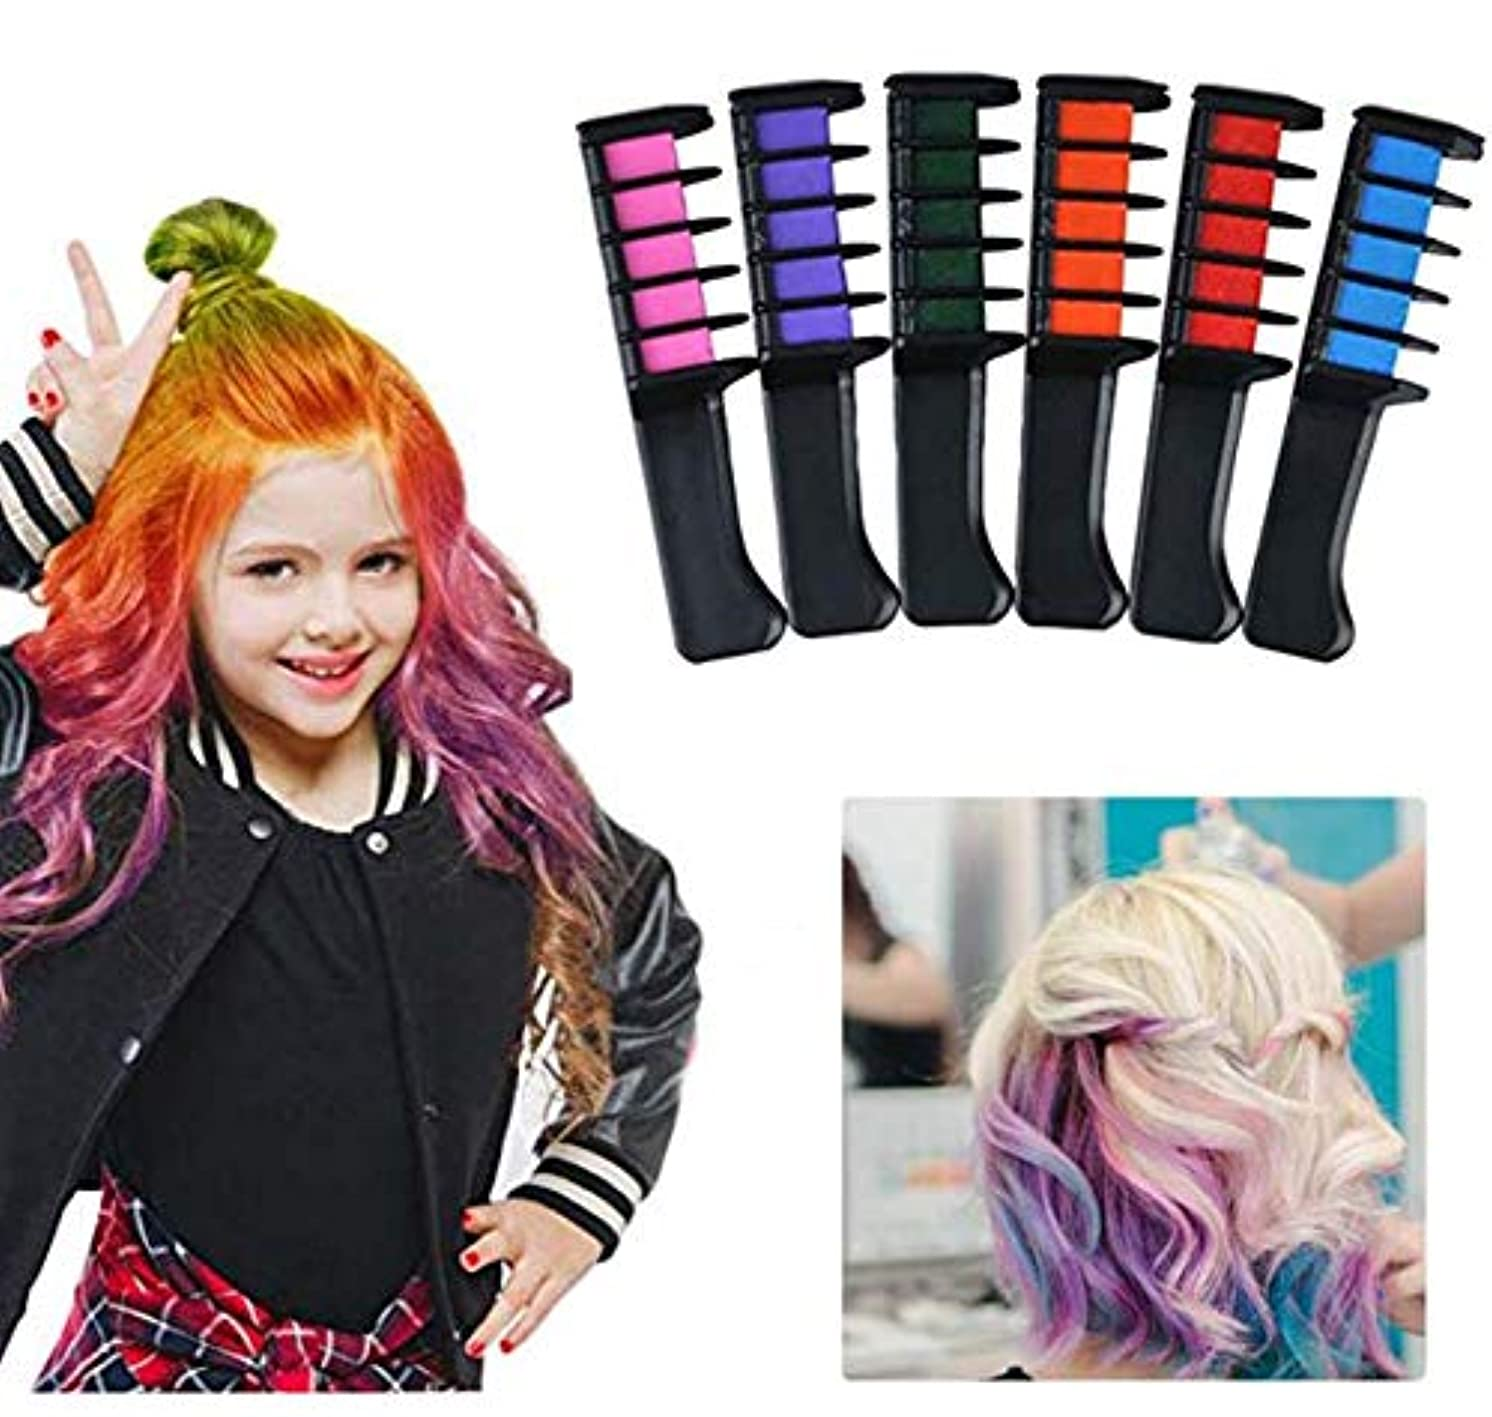 ソートなめる見ました子供のための安全な非有毒な一時的な髪のチョークの櫛6色髪の色の櫛髪のチョークの櫛、女の子、パーティー、コスプレ